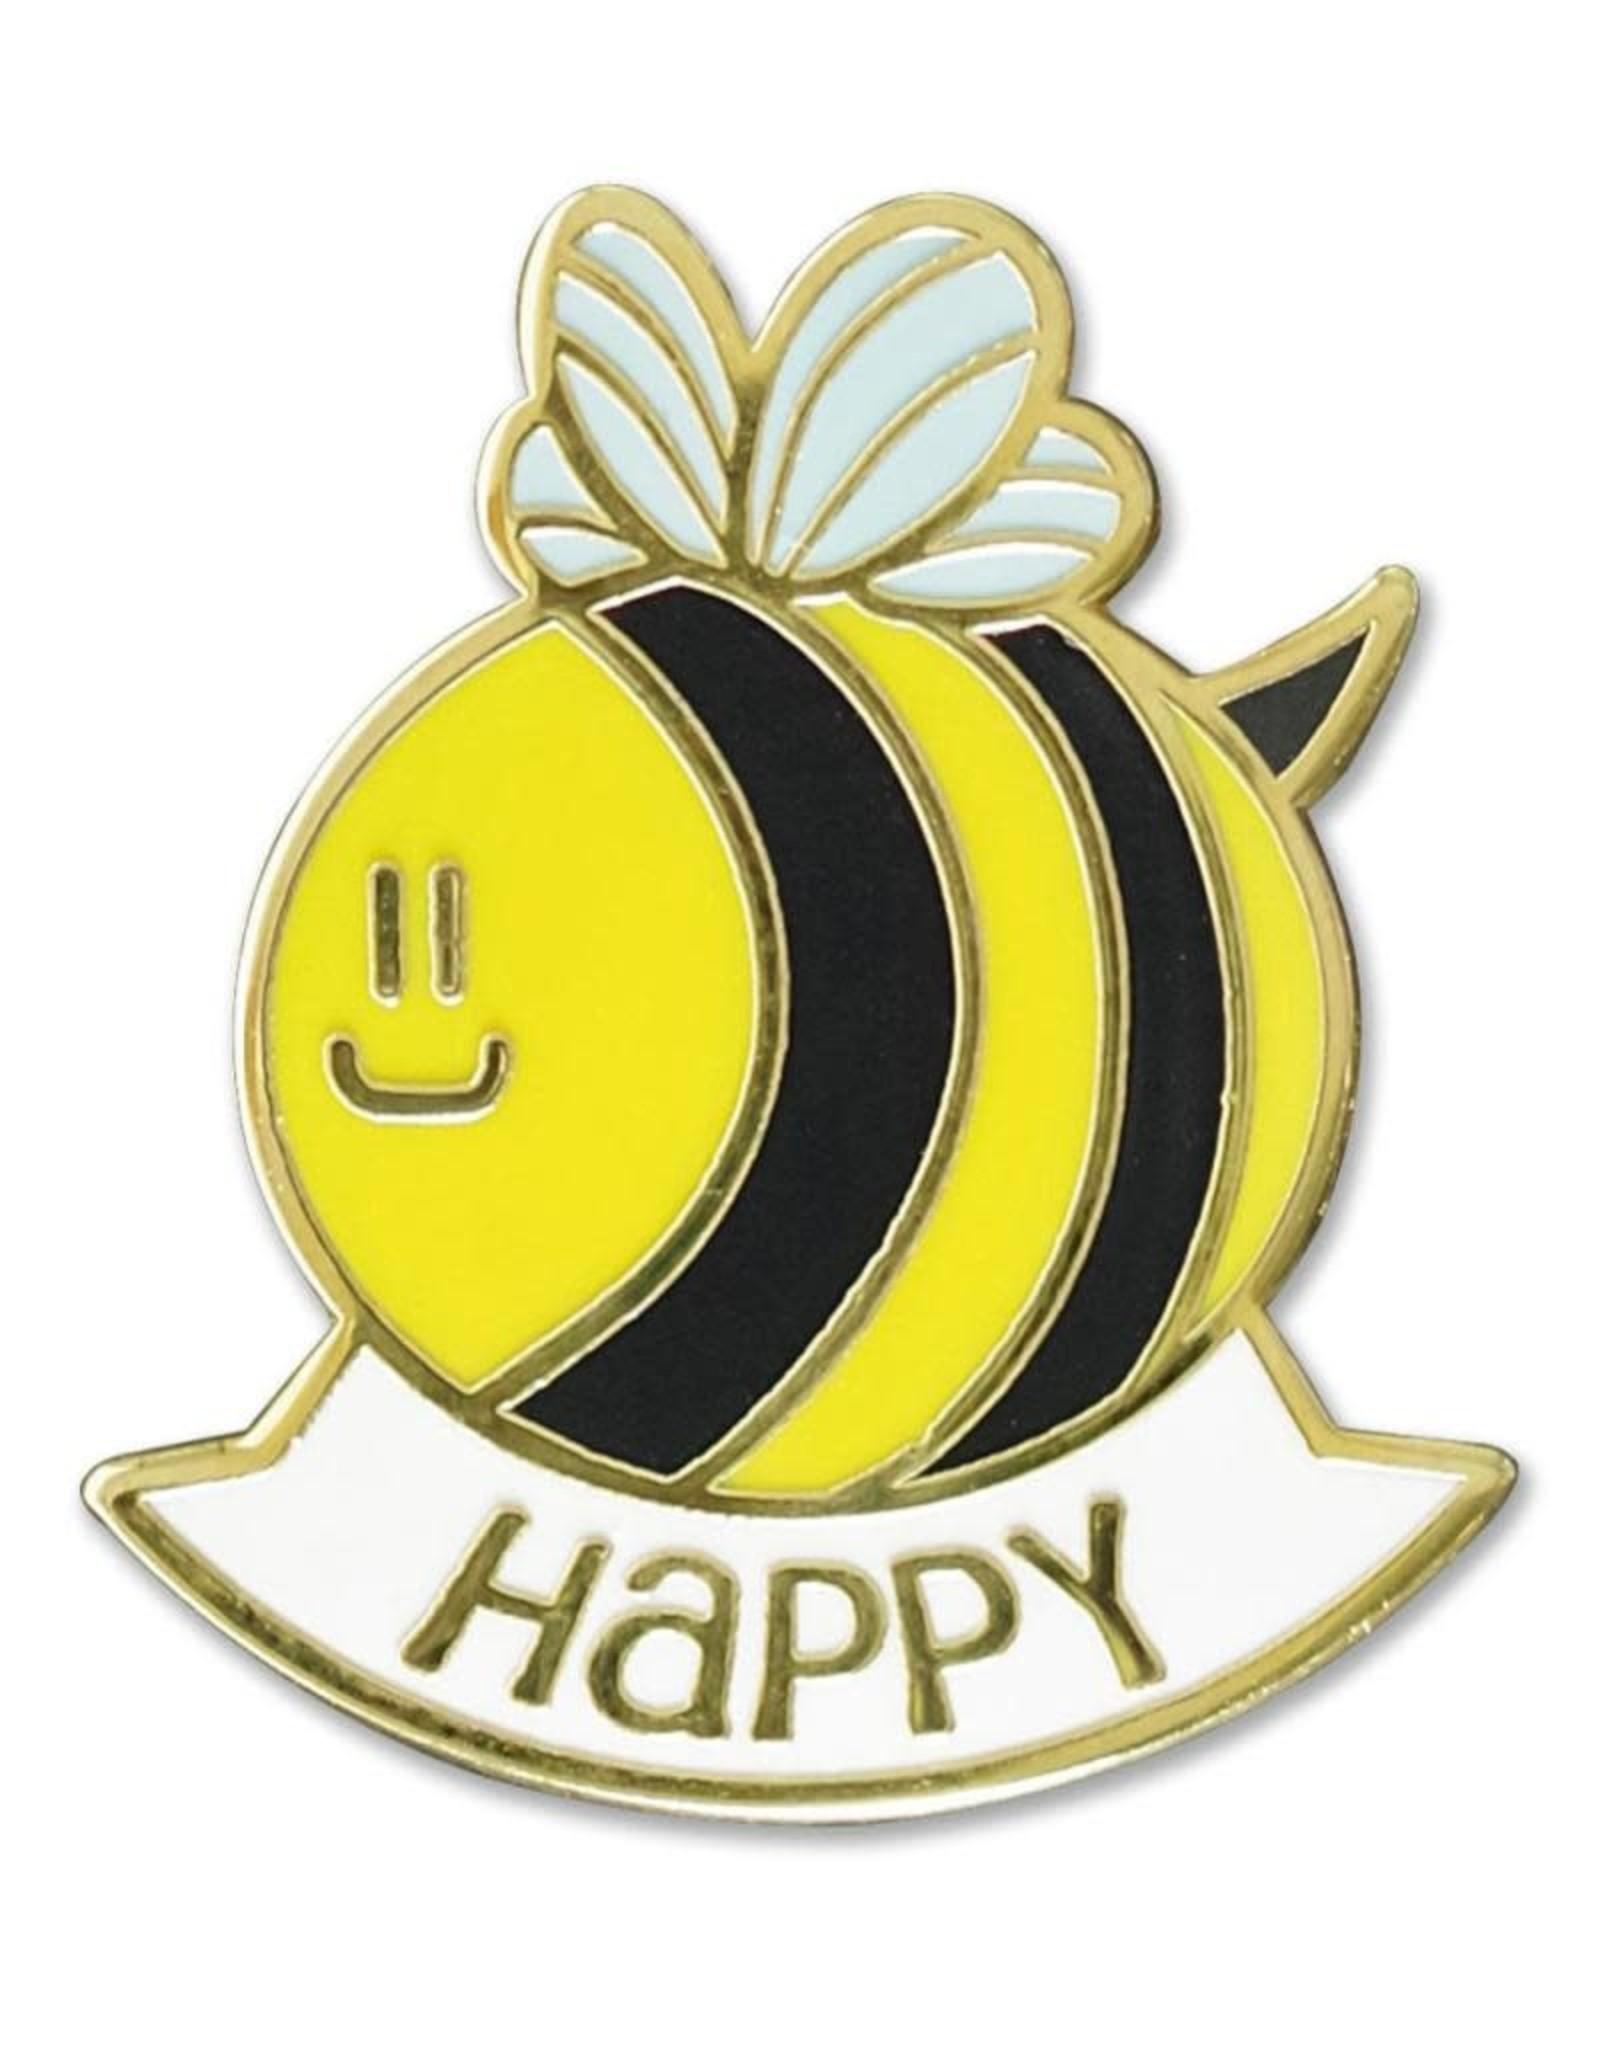 Peter Pauper Bee Happy Enamel Pin